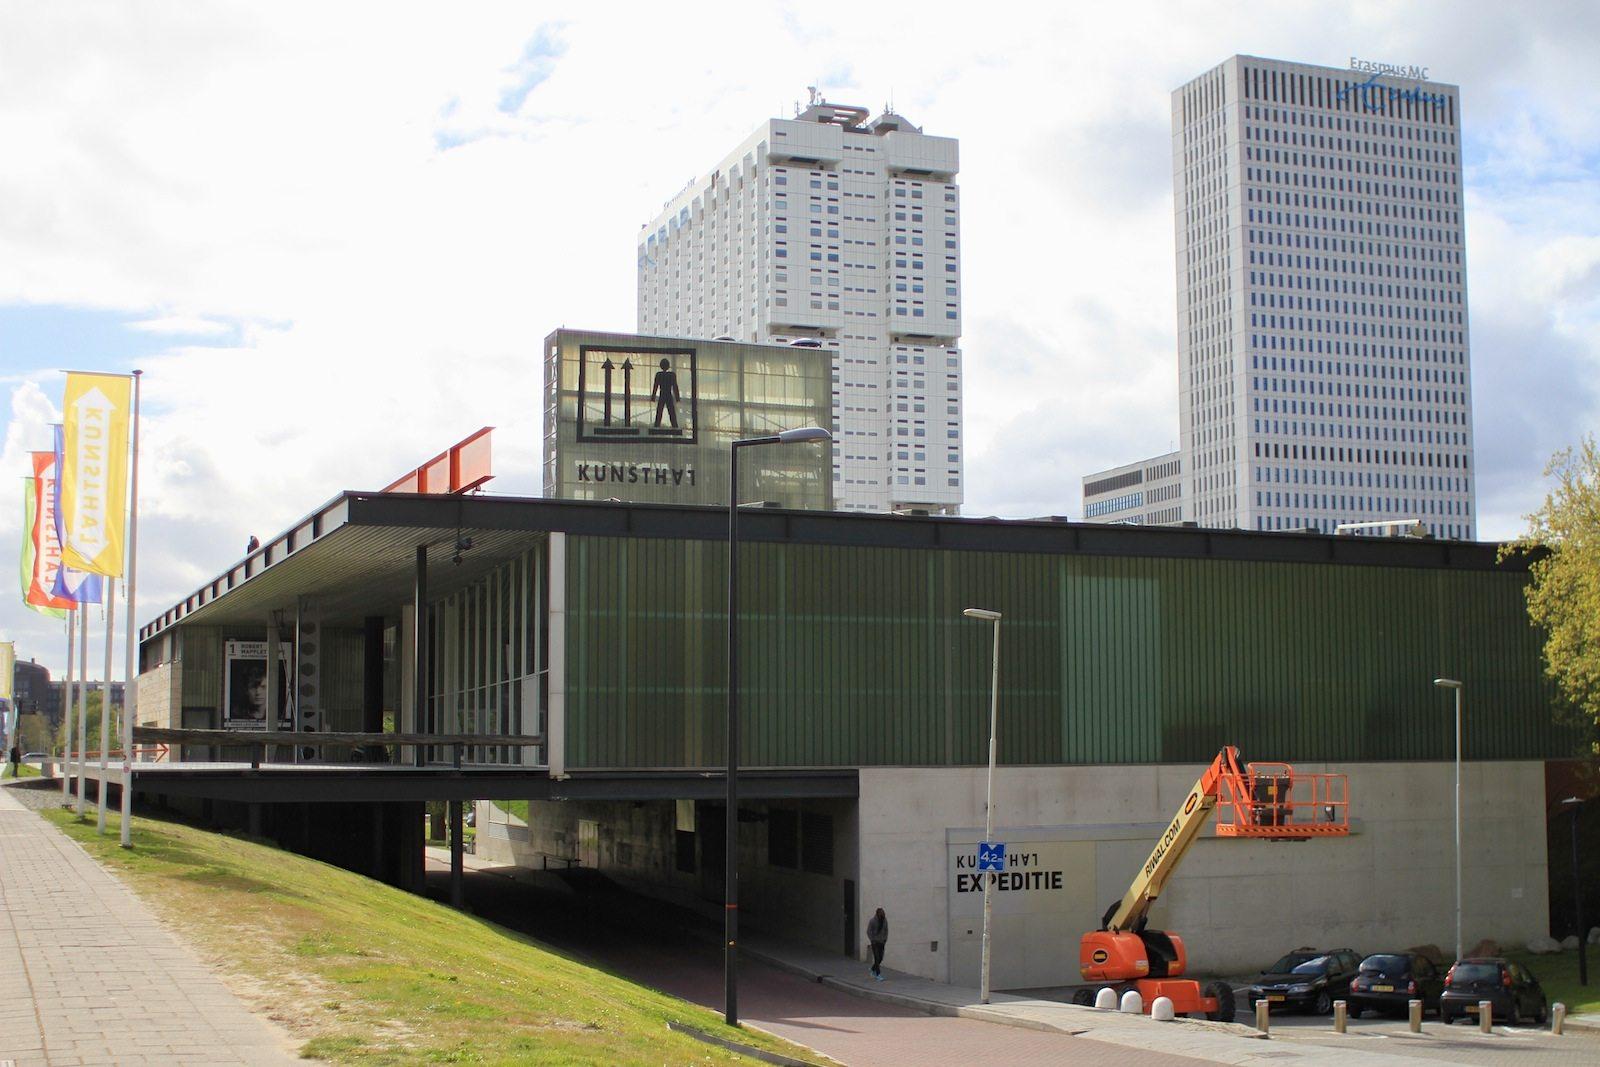 Kunsthal Rotterdam.  verbindet auf 3300 Quadratmetern die Anforderungen an den modernen Museumsbetrieb, inklusive Auditorium, Restaurant und Museumsshop, mit einer kompakten Gestaltung.